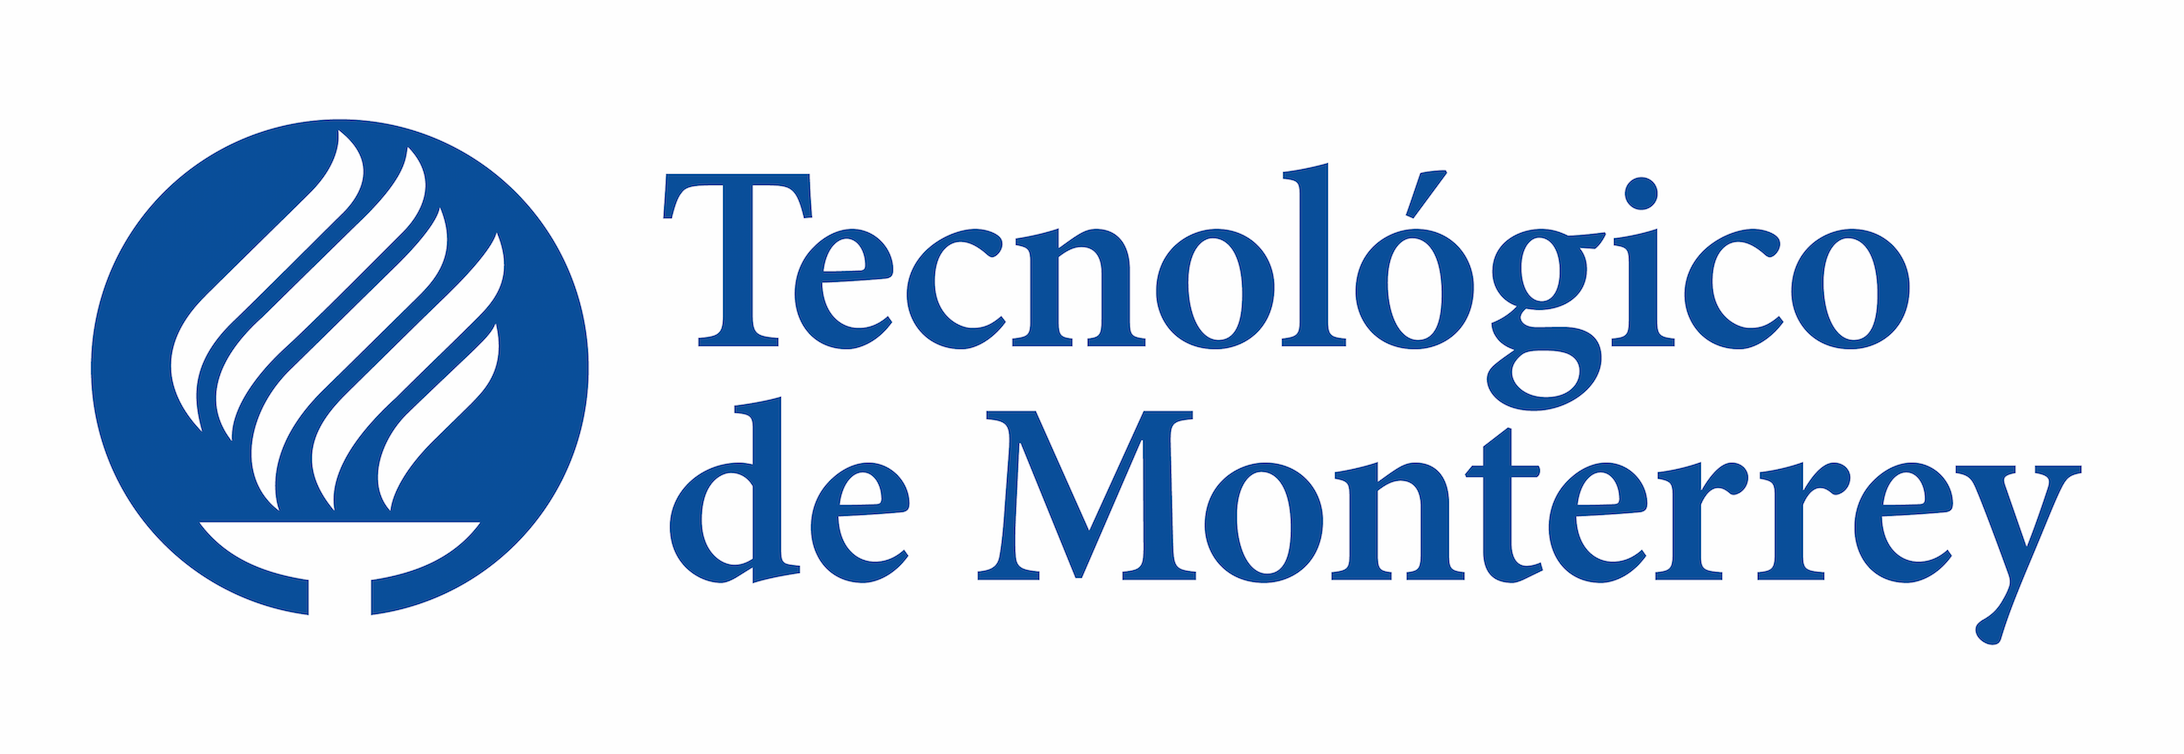 www.itesm.mx/wps/wcm/connect/Campus/CSF/Santa+Fe/